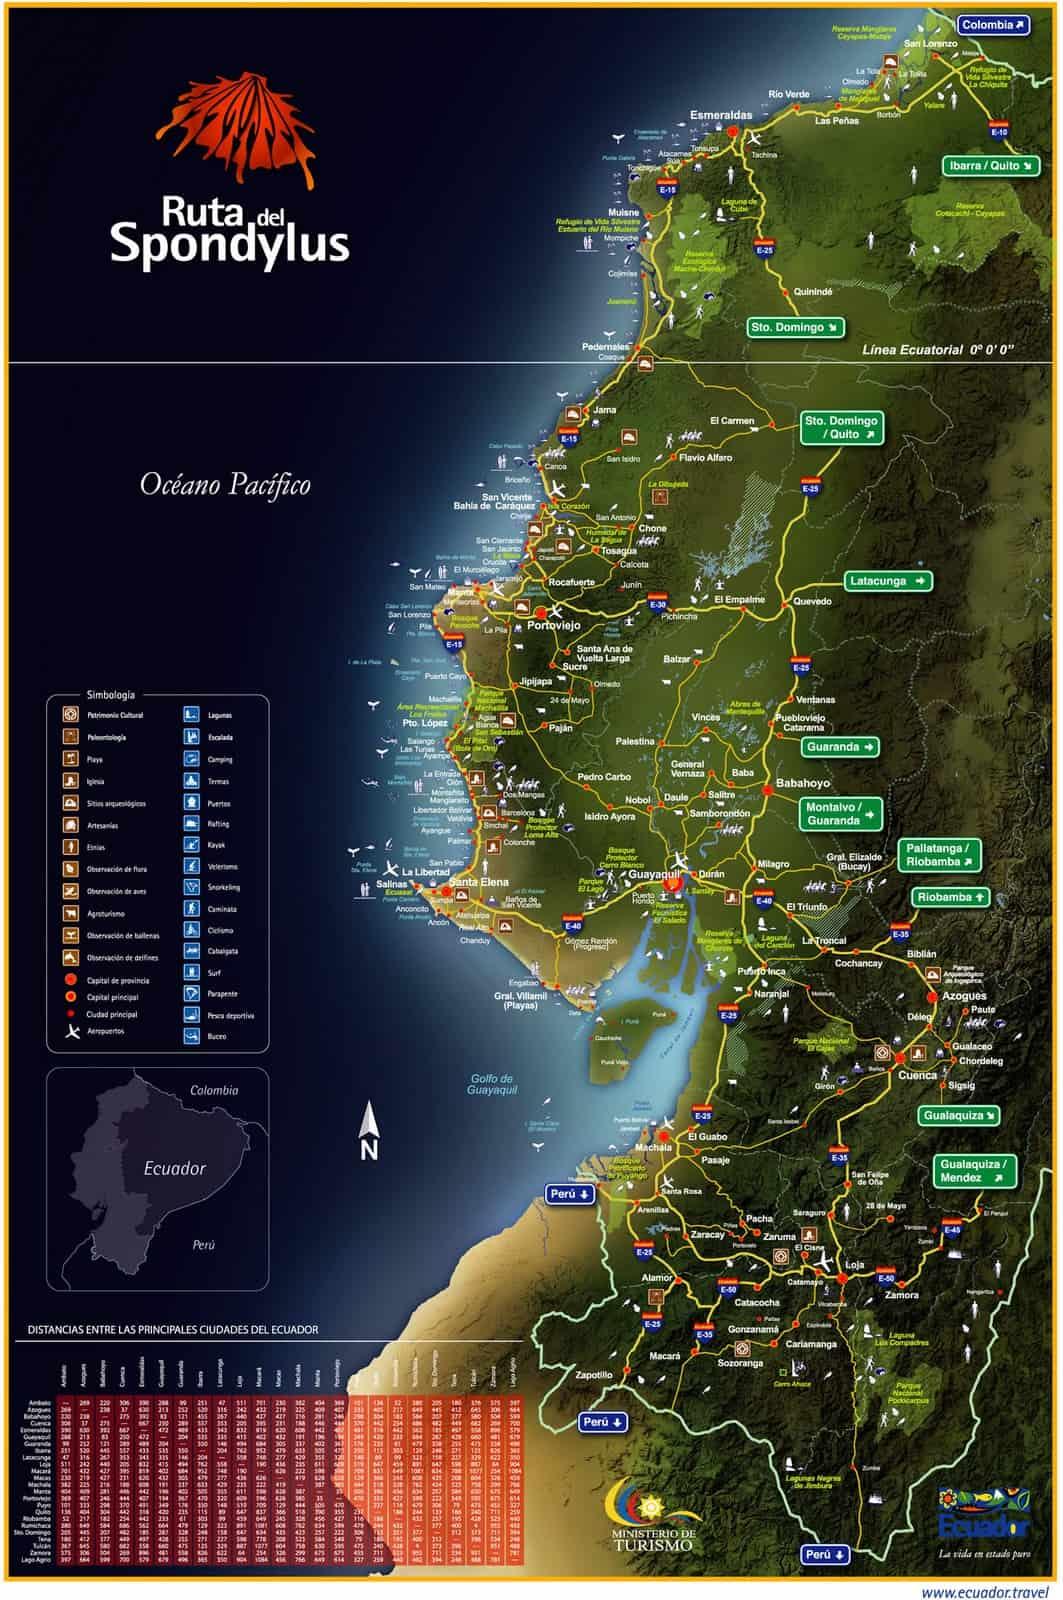 mapa_ruta_spundylus